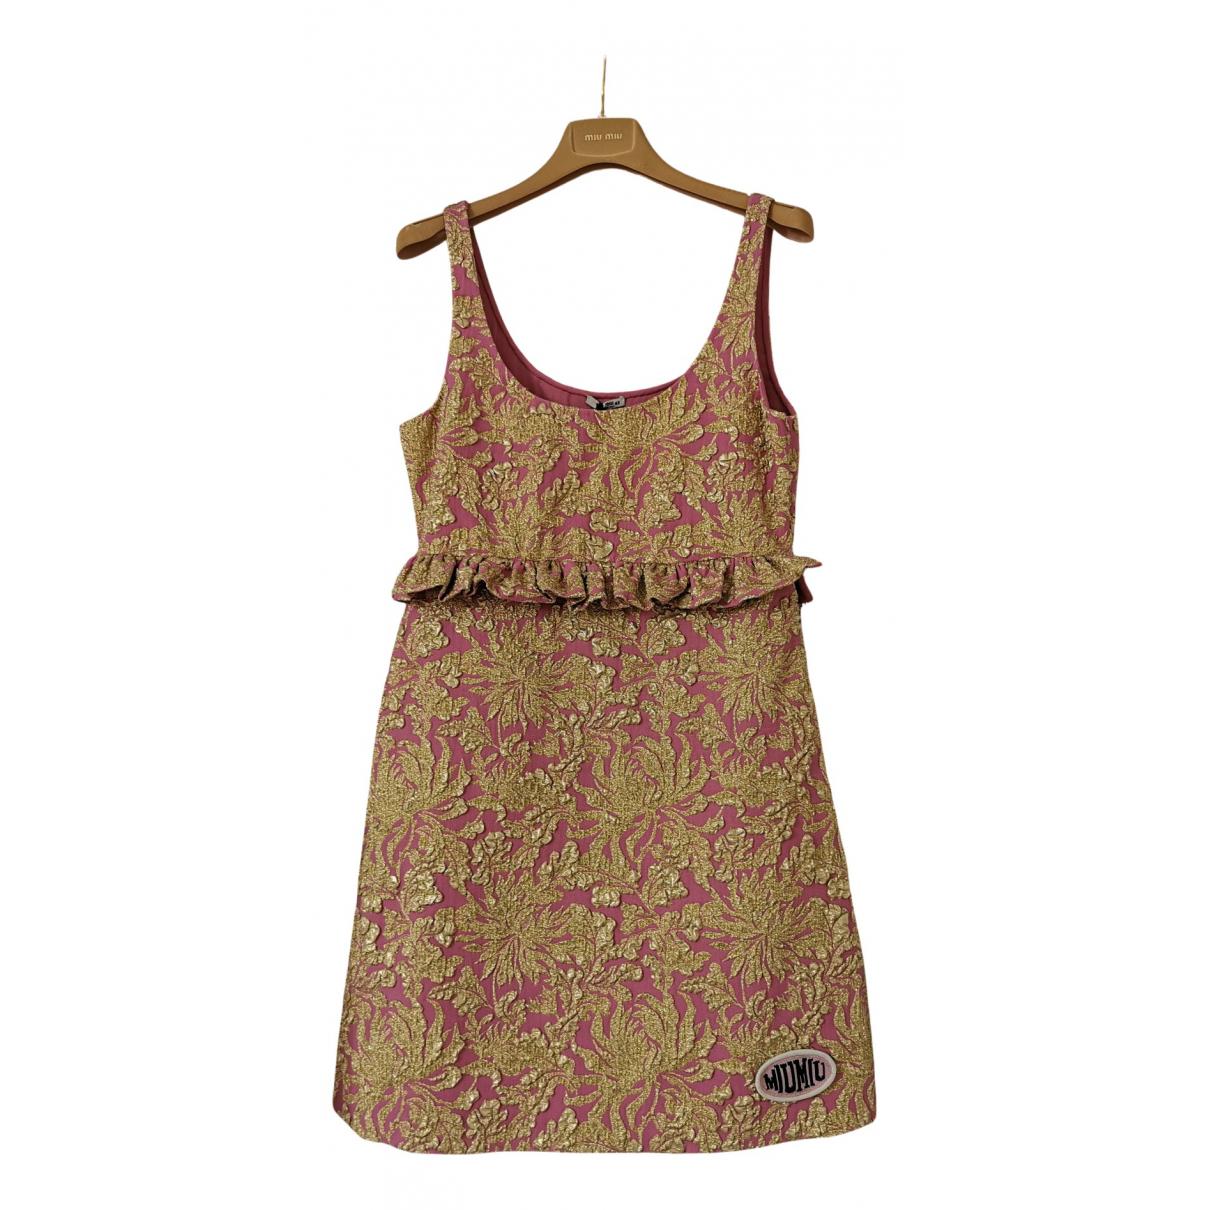 Miu Miu \N Kleid in  Rosa Baumwolle - Elasthan